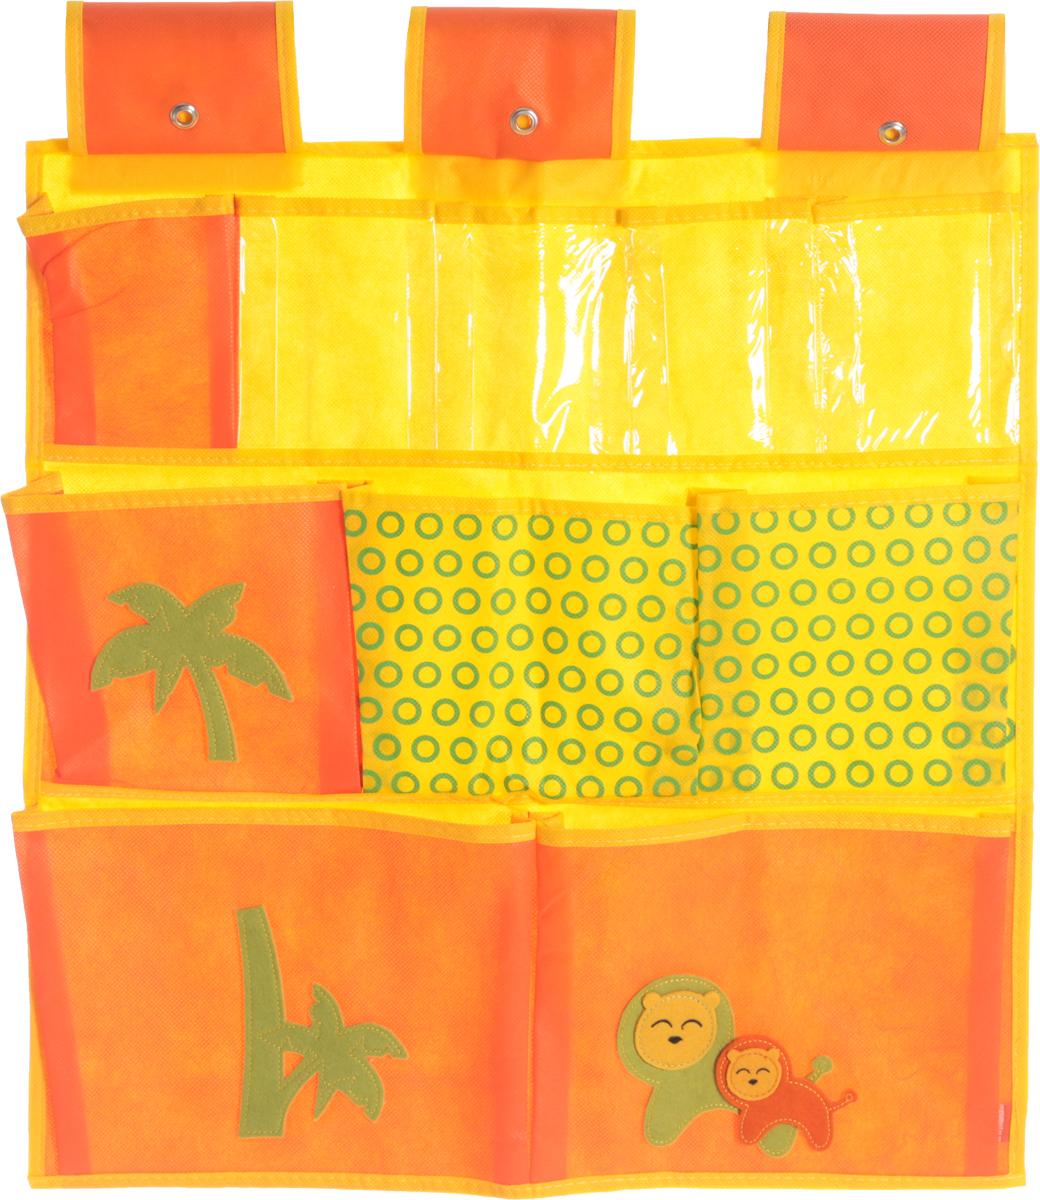 Кофр детский Все на местах Sunny Jungle, подвесной, цвет: желтый, оранжевый, 10 карманов, 57 x 57 см1071024.Подвесной квадратный кофр для хранения детских мелочей Все на местах Sunny Jungle изготовлен из высококачественного нетканого материала (спанбонда), ПВХ и фетра. Изделие позволяет сохранить естественную вентиляцию, а воздуху свободно проникать внутрь, не пропуская пыль.Кофр оснащен 10 достаточно крупными карманами, которые идеально подойдут для различных принадлежностей вашего ребенка.Мобильность конструкции обеспечивает складывание и раскладывание одним движением. Кофр удобно складывается в чехол. Оформлена модель оригинальными декоративными нашивками. Размер органайзера: 57 х 57 см.